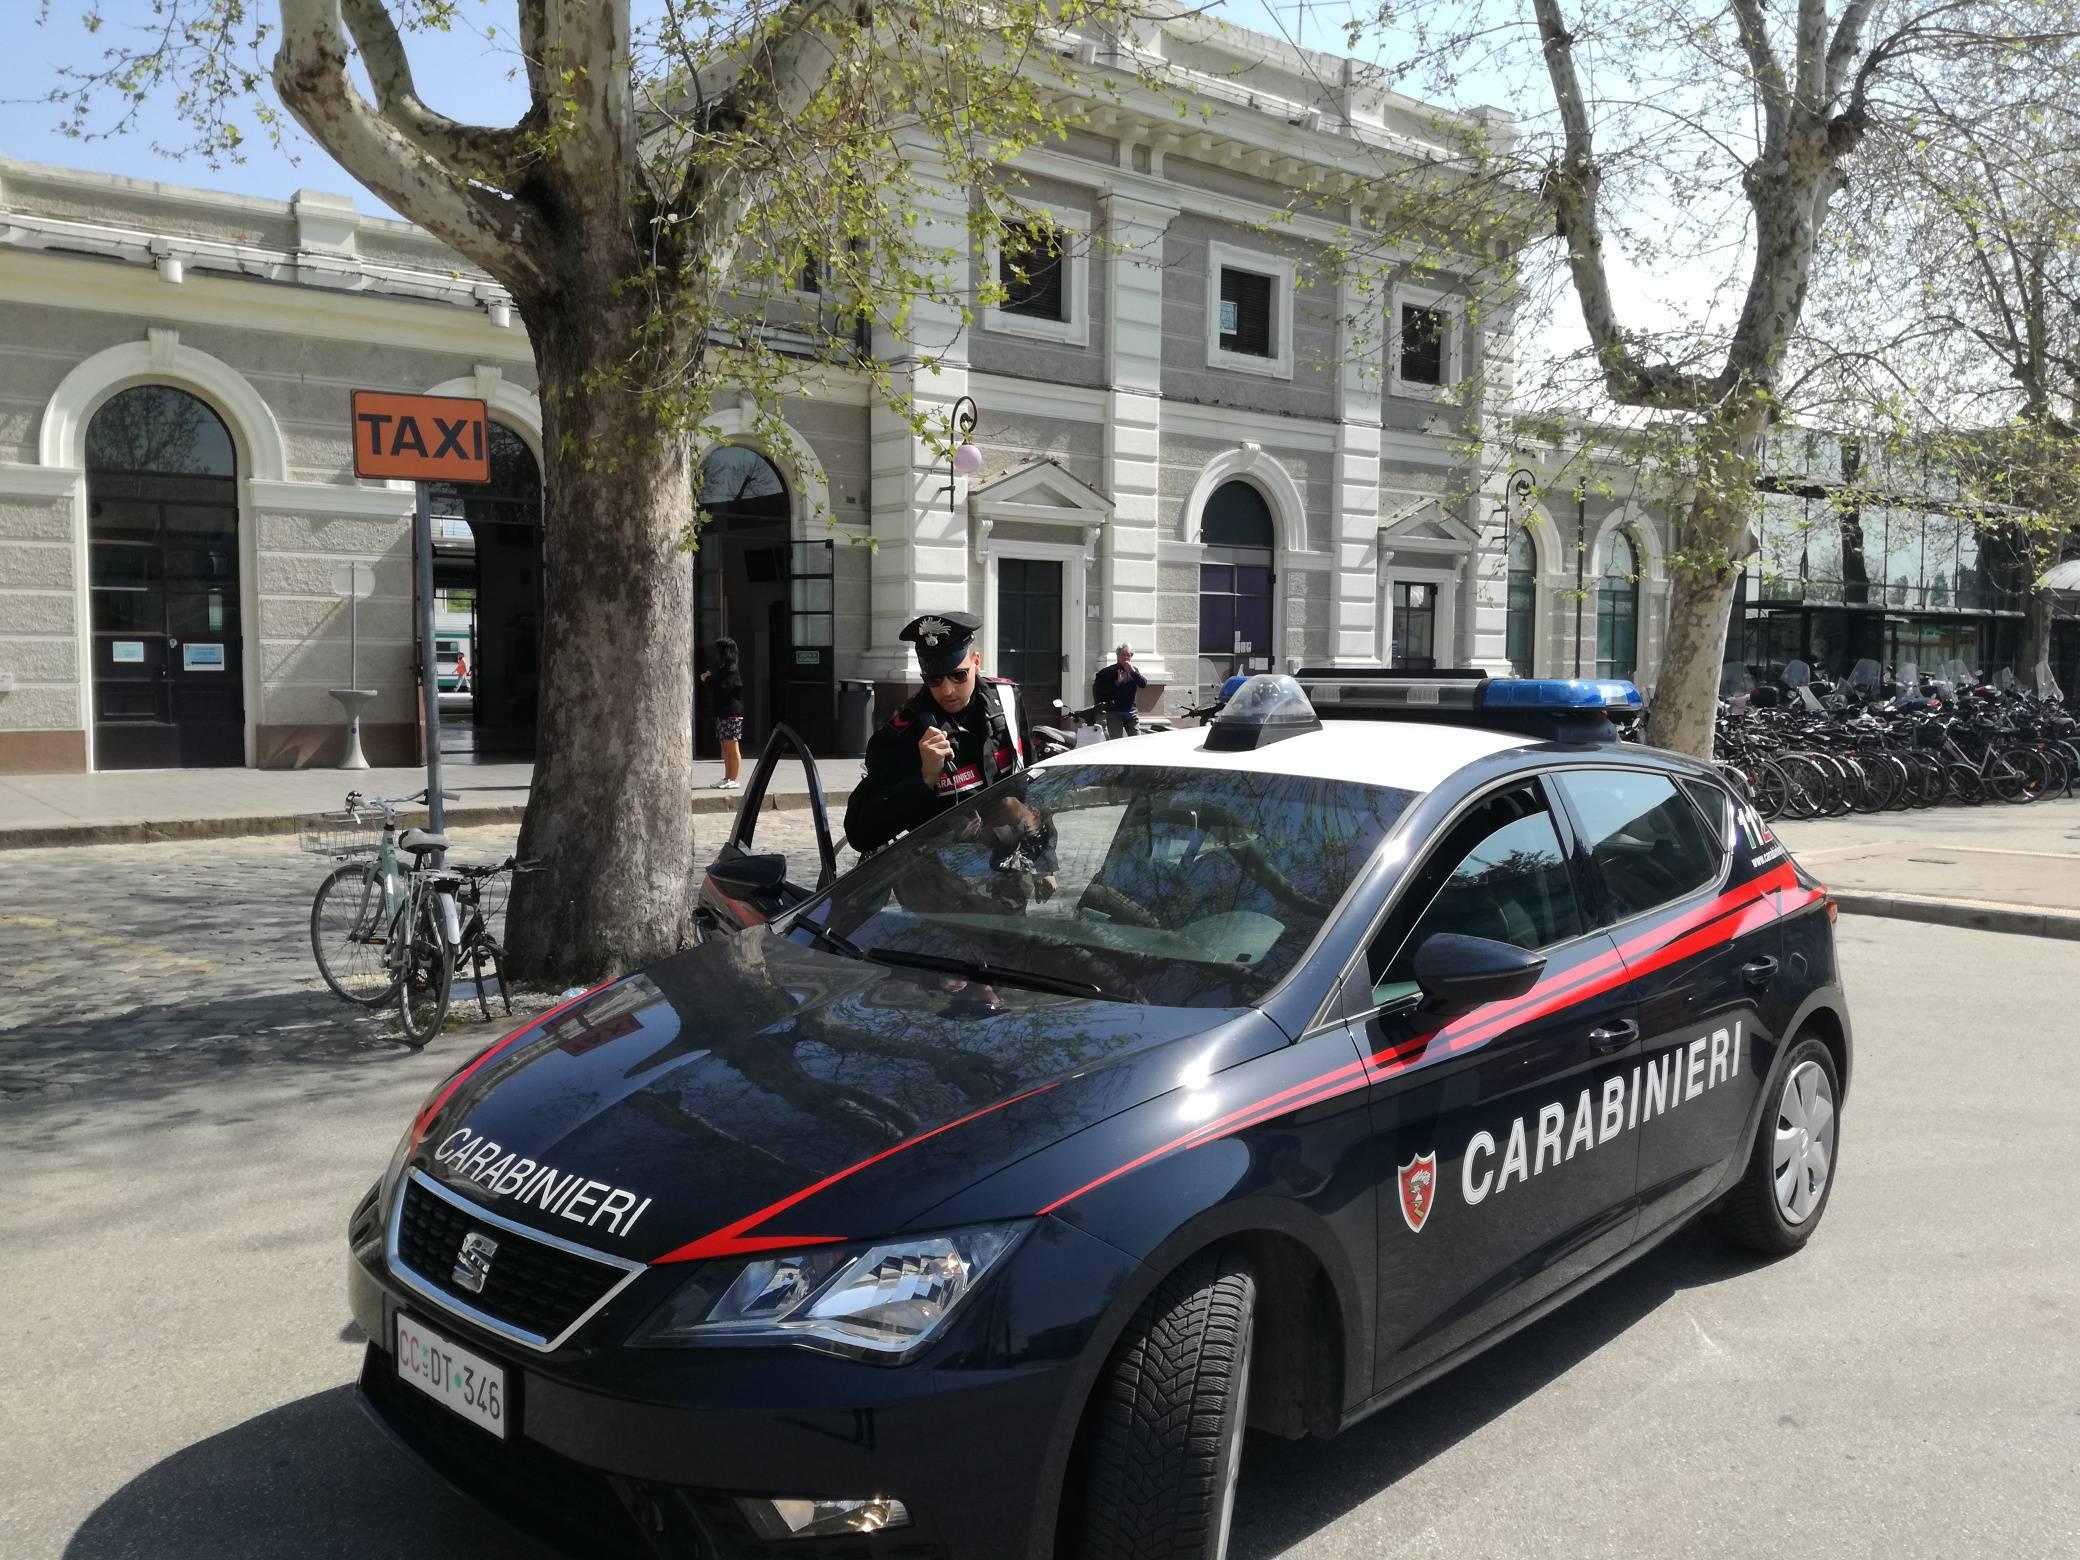 Un arresto per spaccio in zona stazione a Rimini